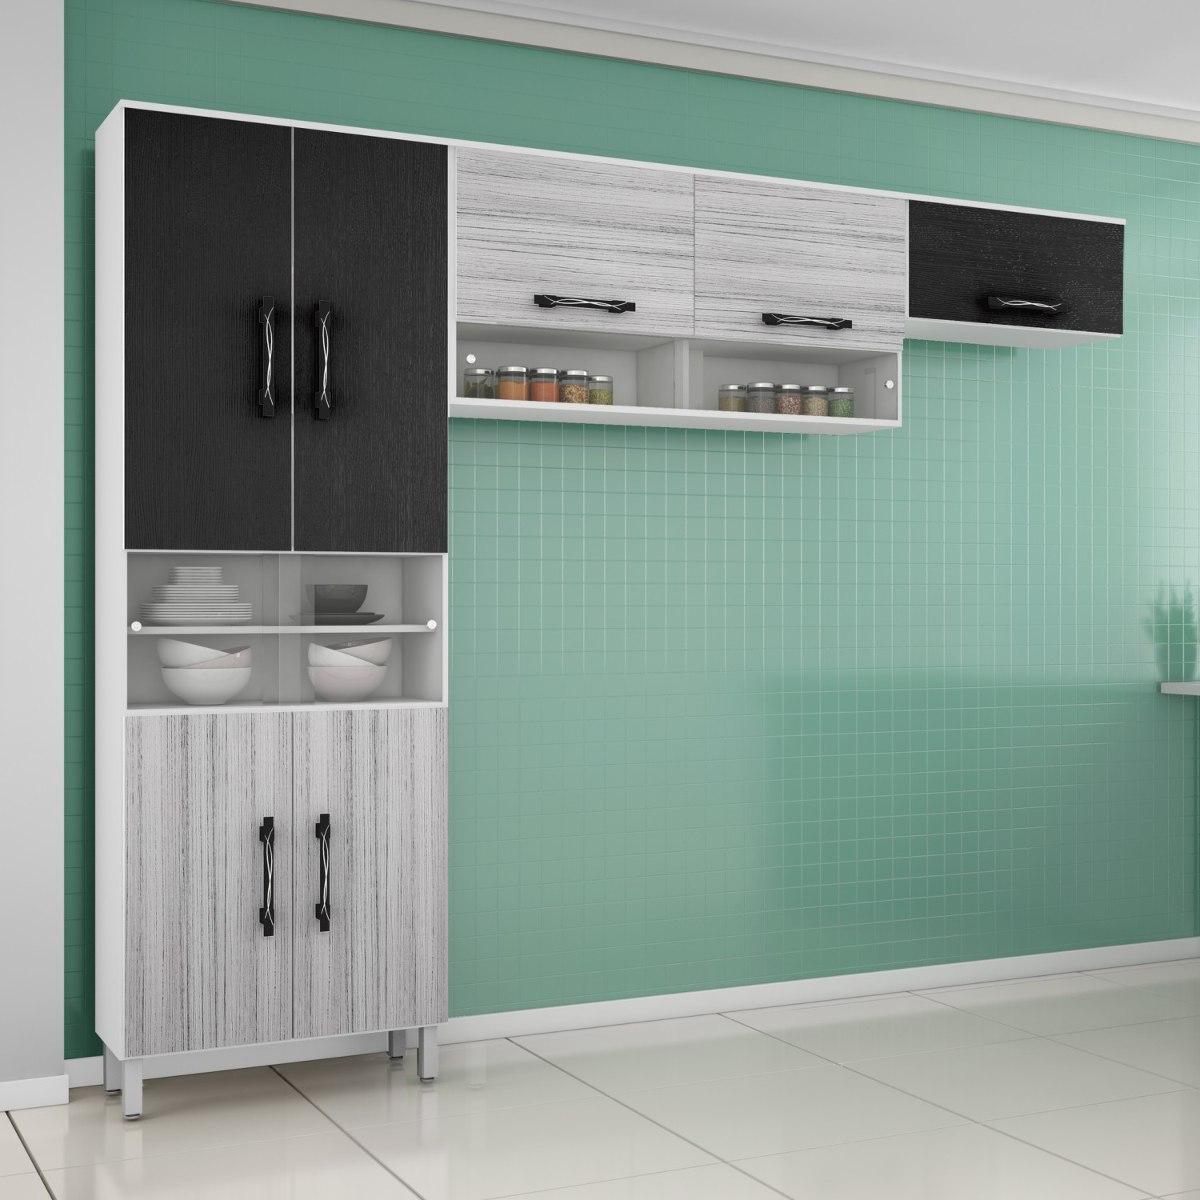 Cozinha Compacta 3 Pe As 11 Portas Em Mdf Vidro Giwt R 345 50 Em